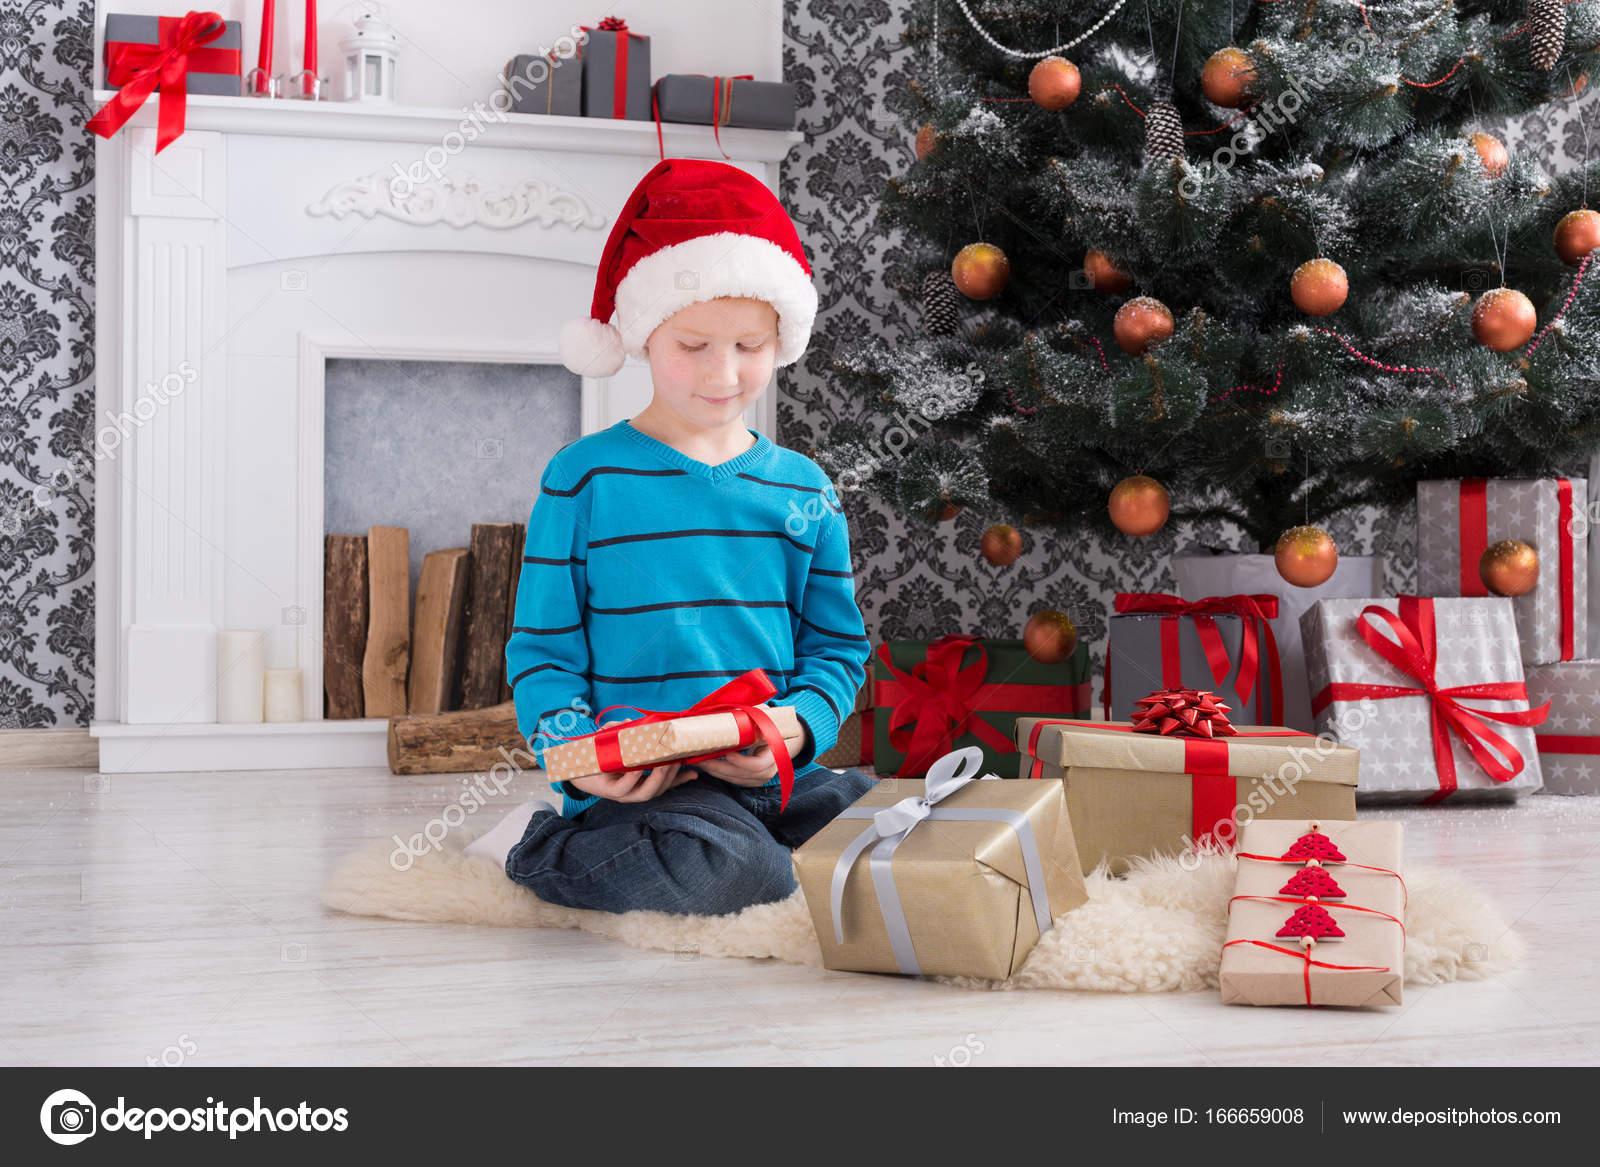 Süsser Boy in Santa Hut Auspacken Weihnachtsgeschenke — Stockfoto ...